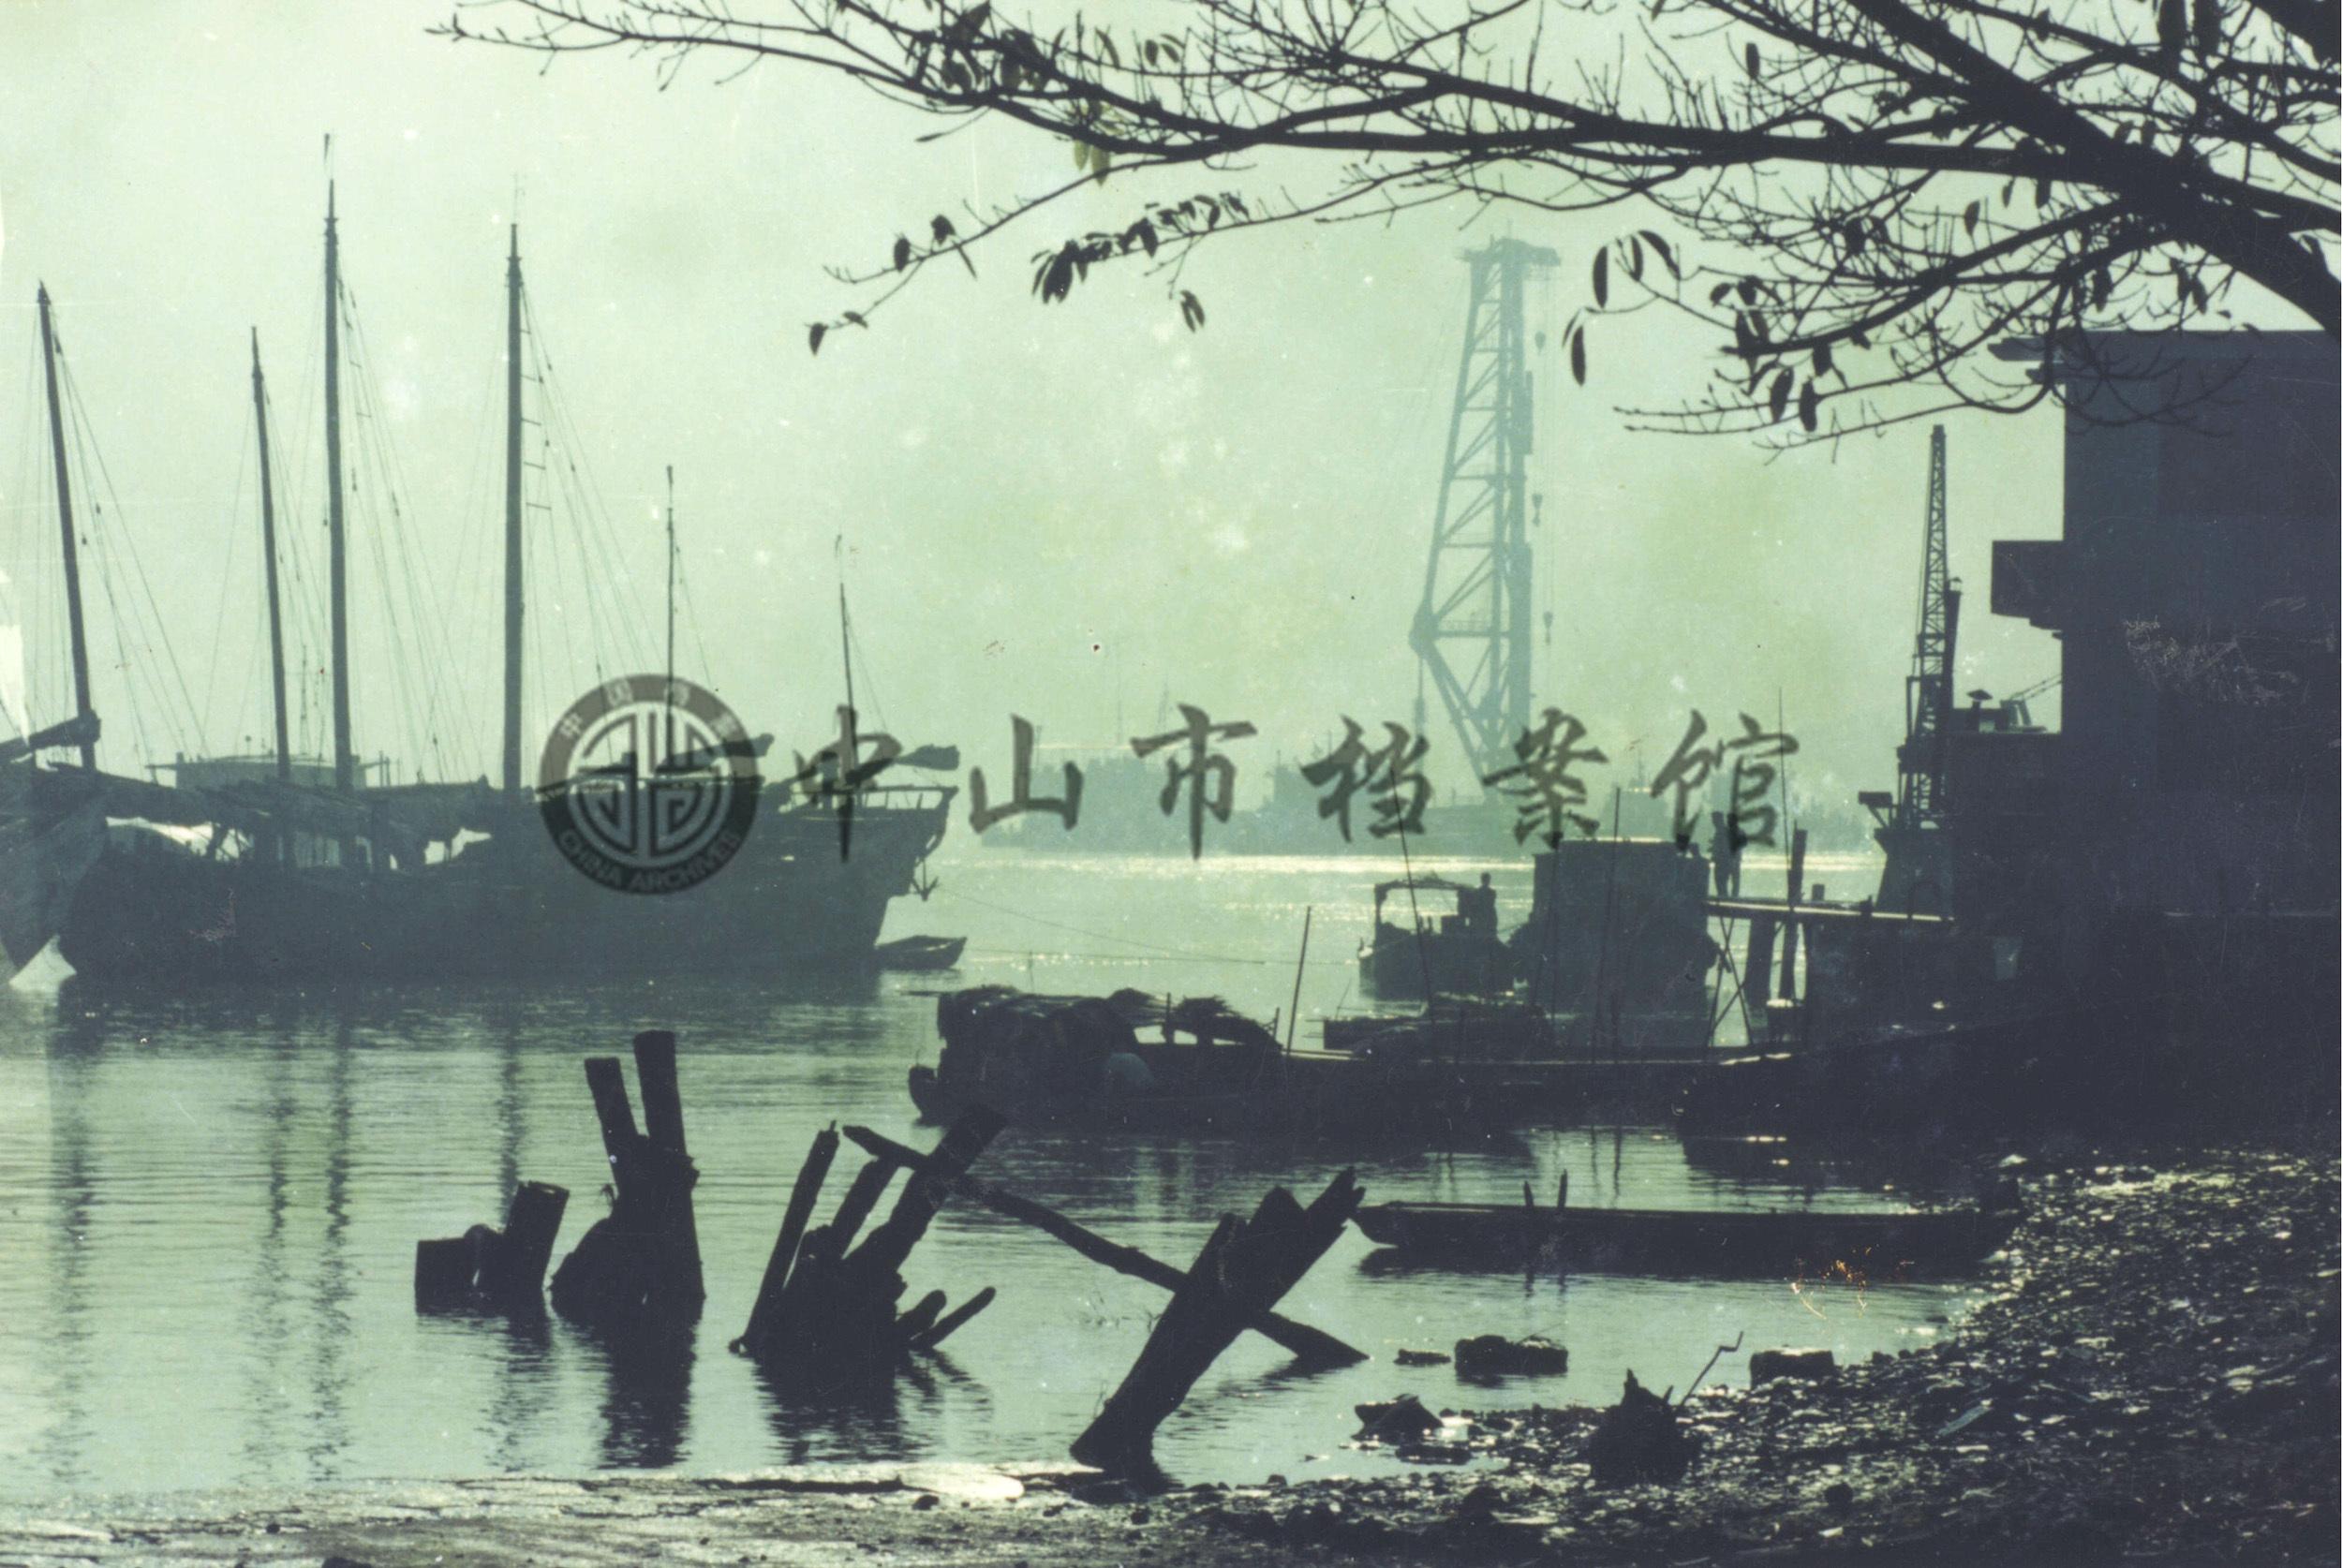 1984年11月,建设中的中山港。